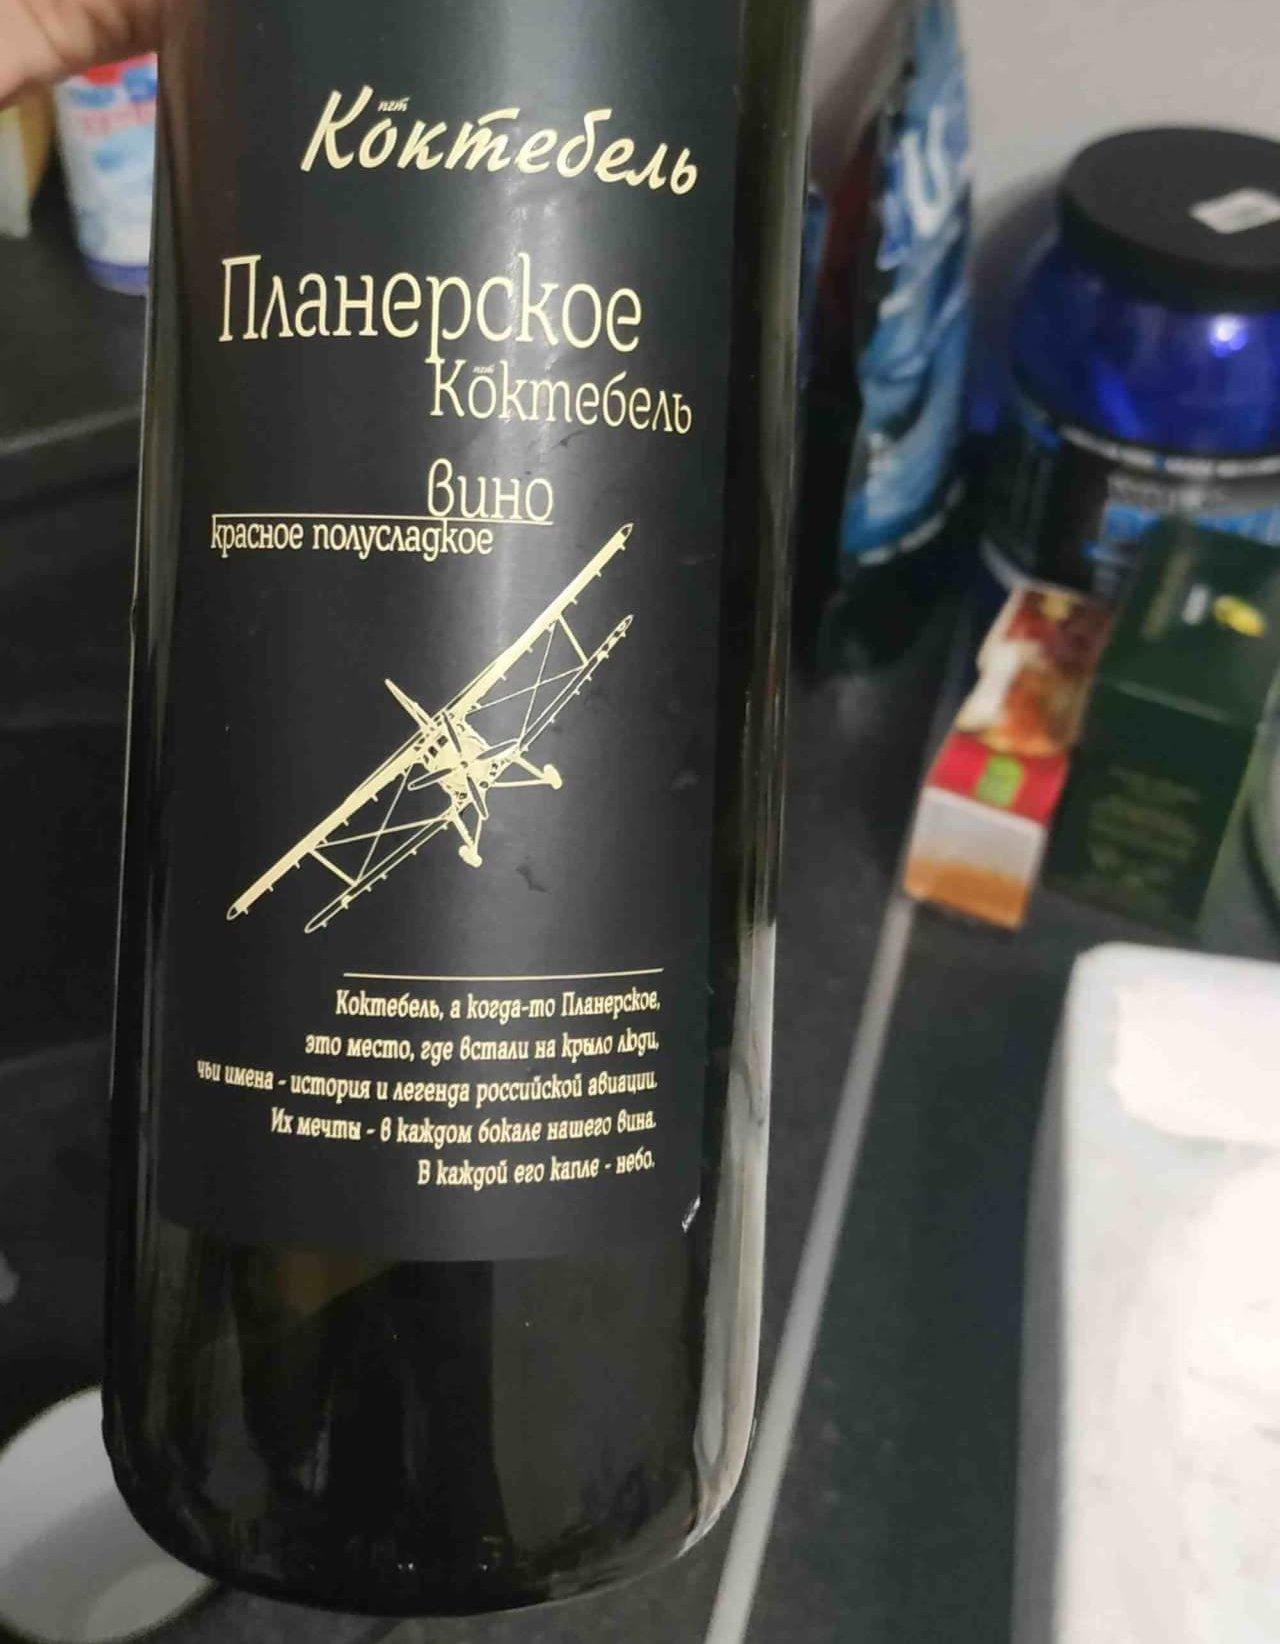 Моей супруге понравилось вино под названием: Планерское (красное полусладкое) из коктебели